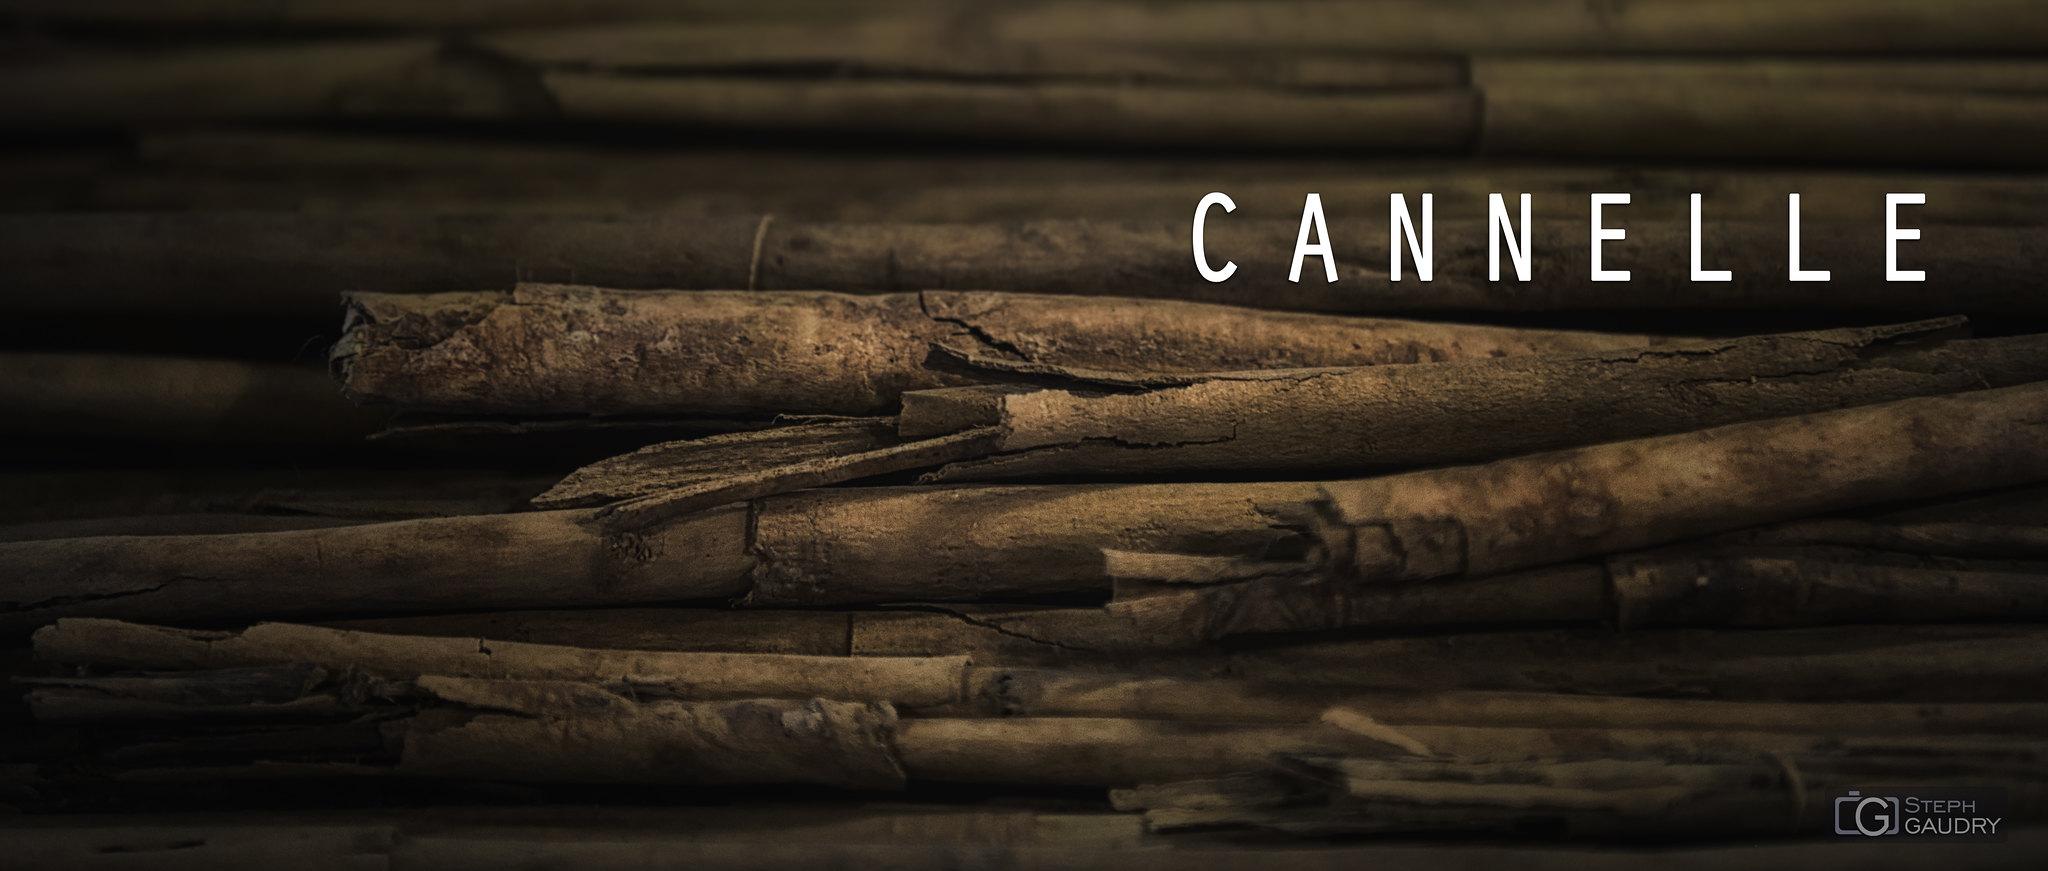 Cannelle [Klik om de diavoorstelling te starten]